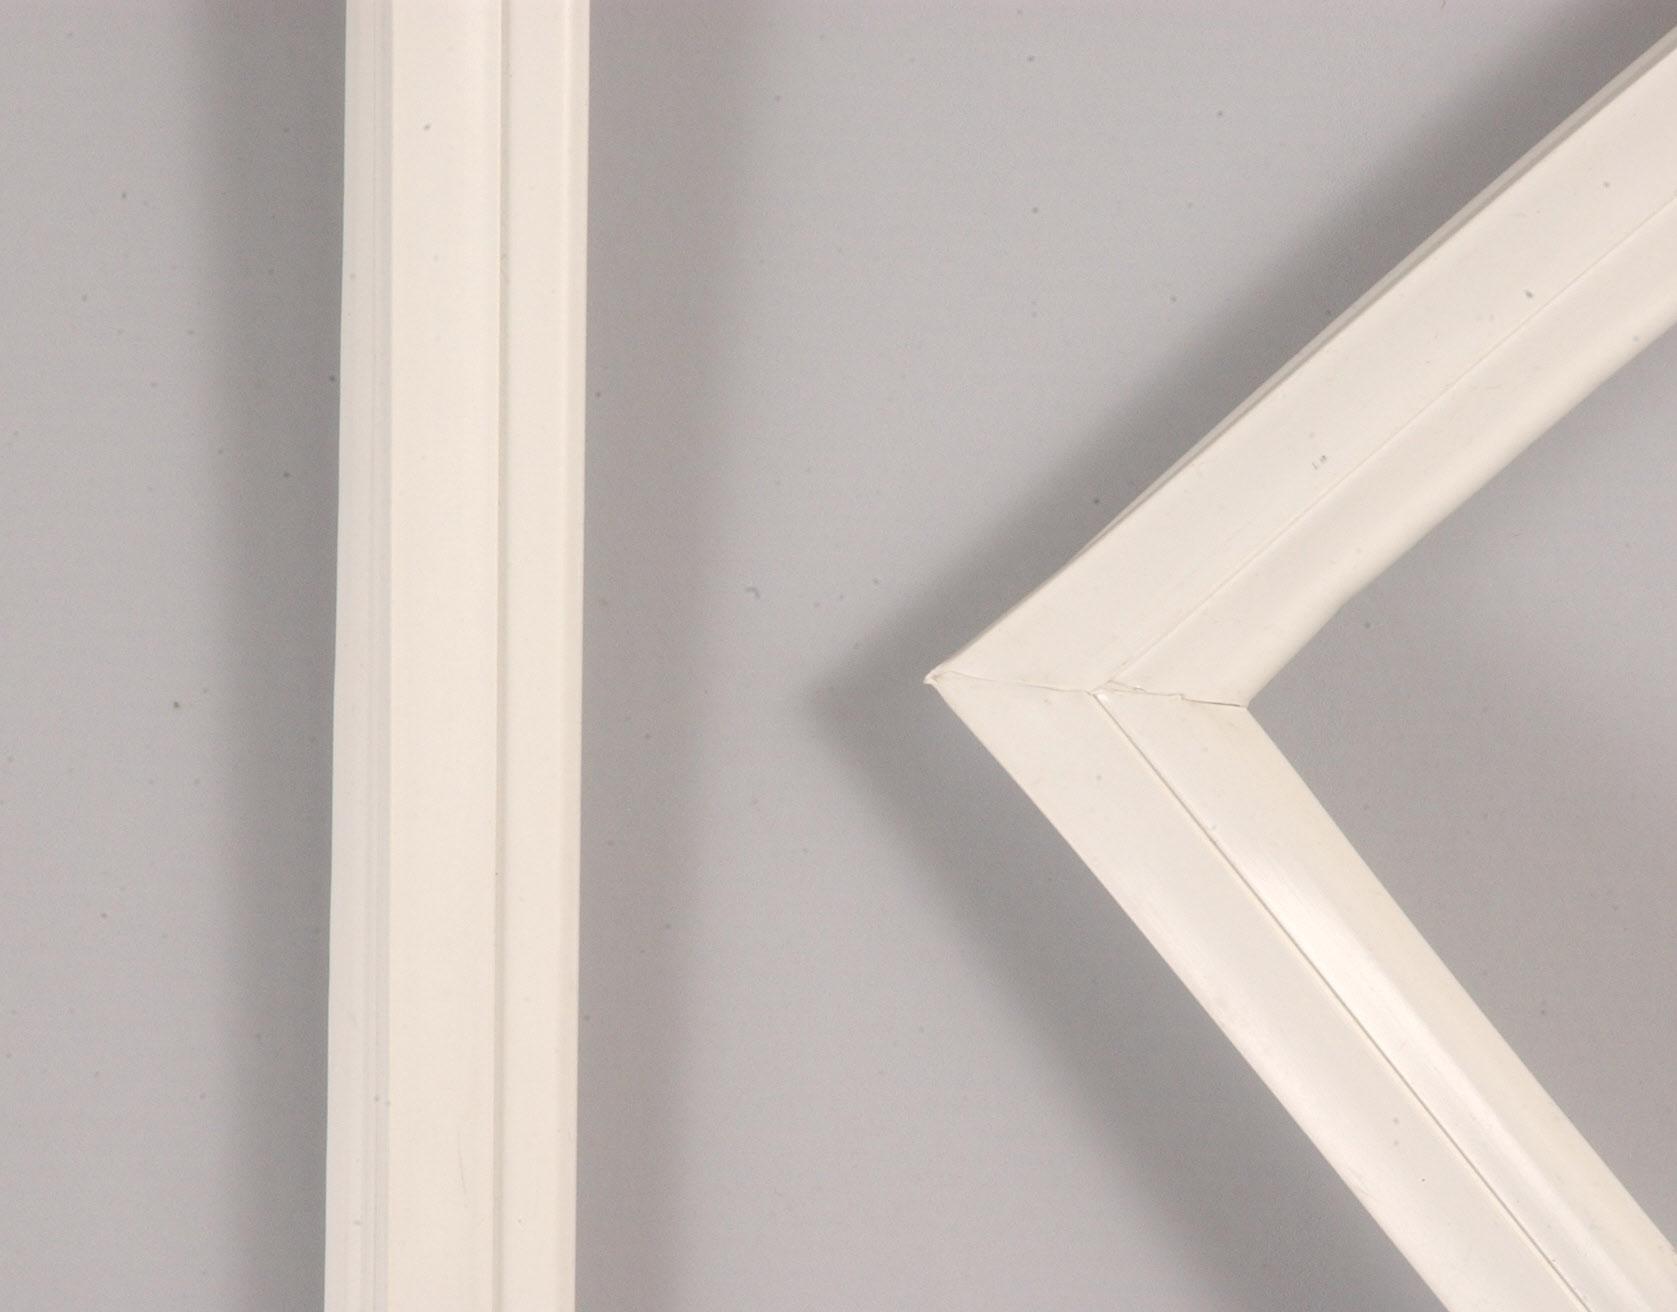 Crosley Refrigerator Part # 2159072 - Door Gasket